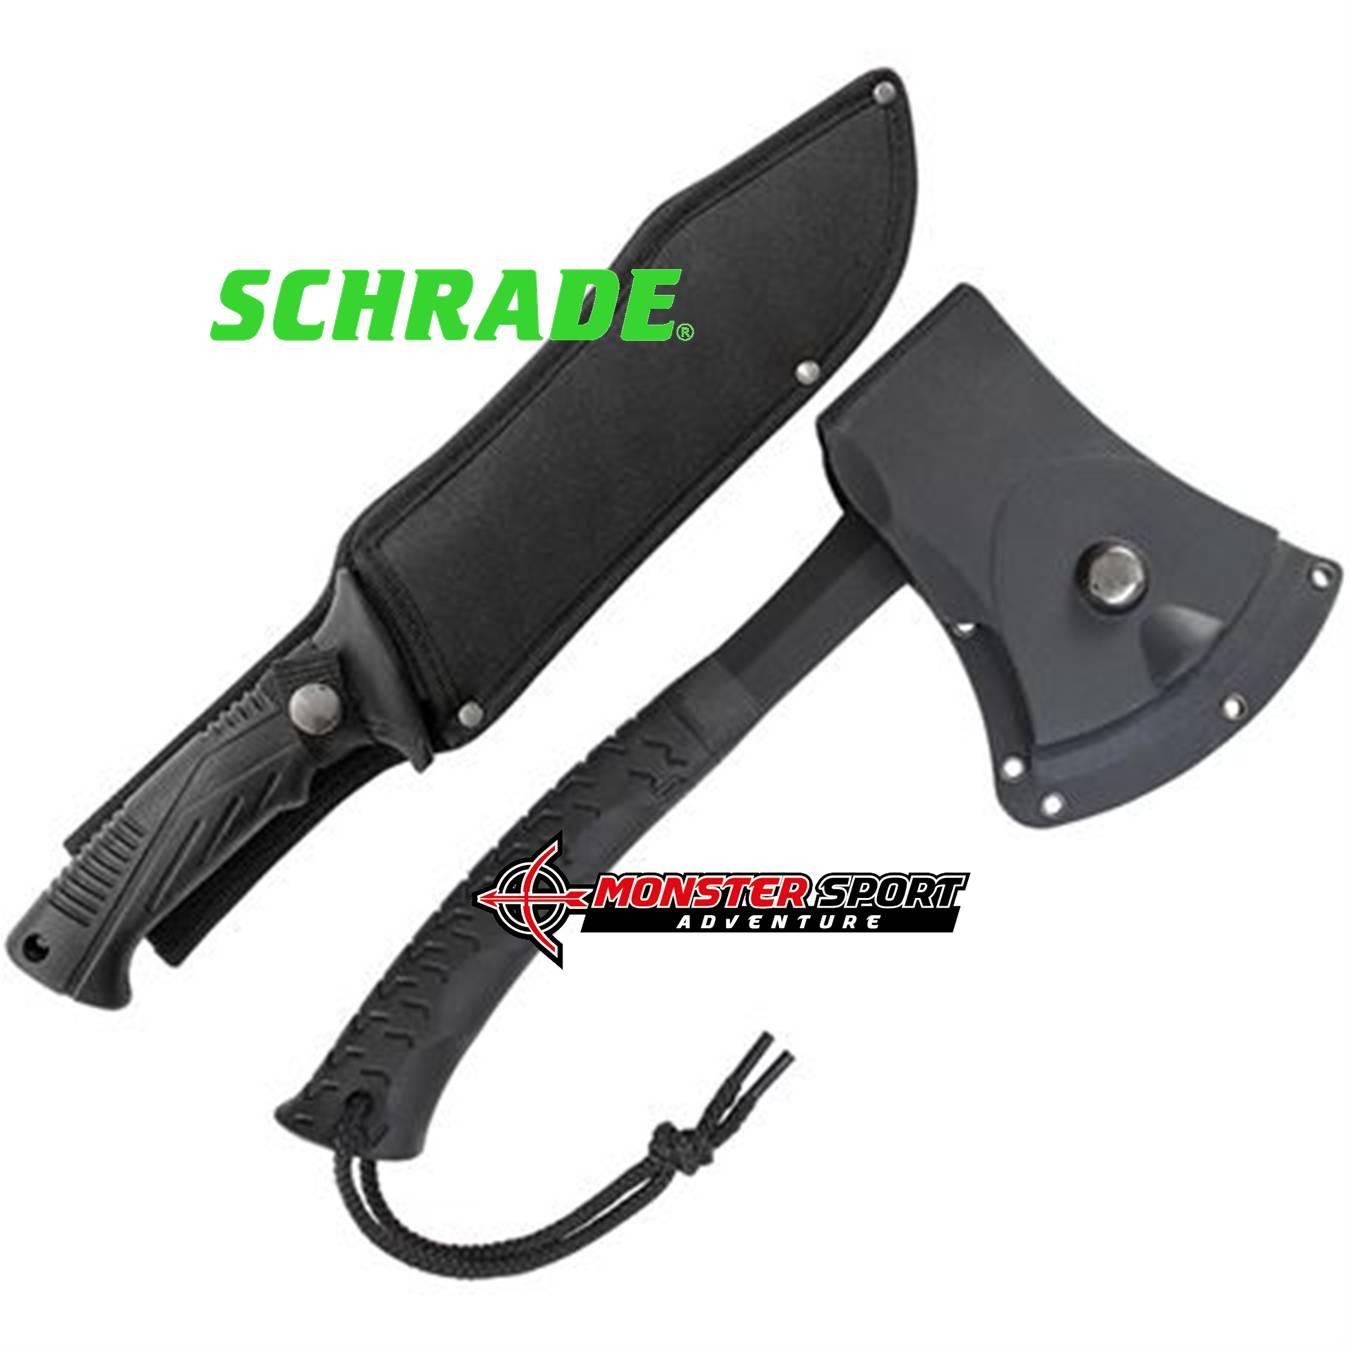 Schrade Machete & Hatchet Combo Set SCHCOM6